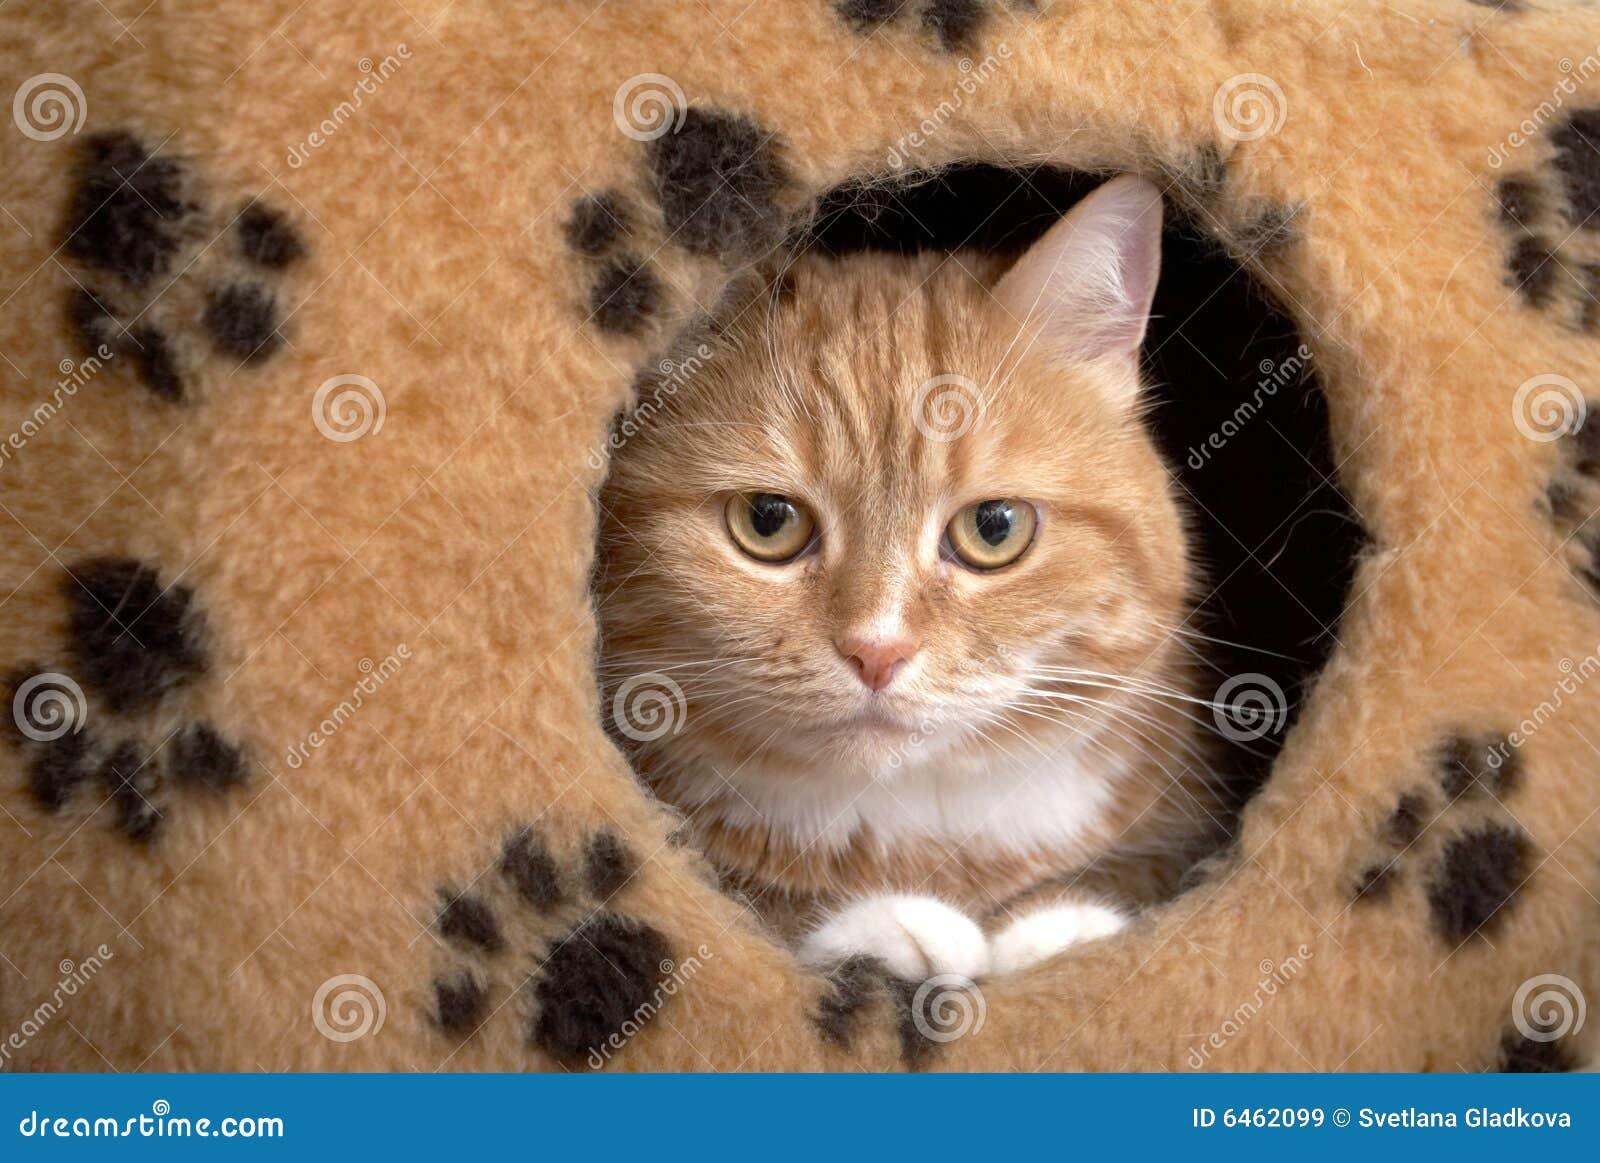 Rote Katze sitzt in einem kleinen Haus